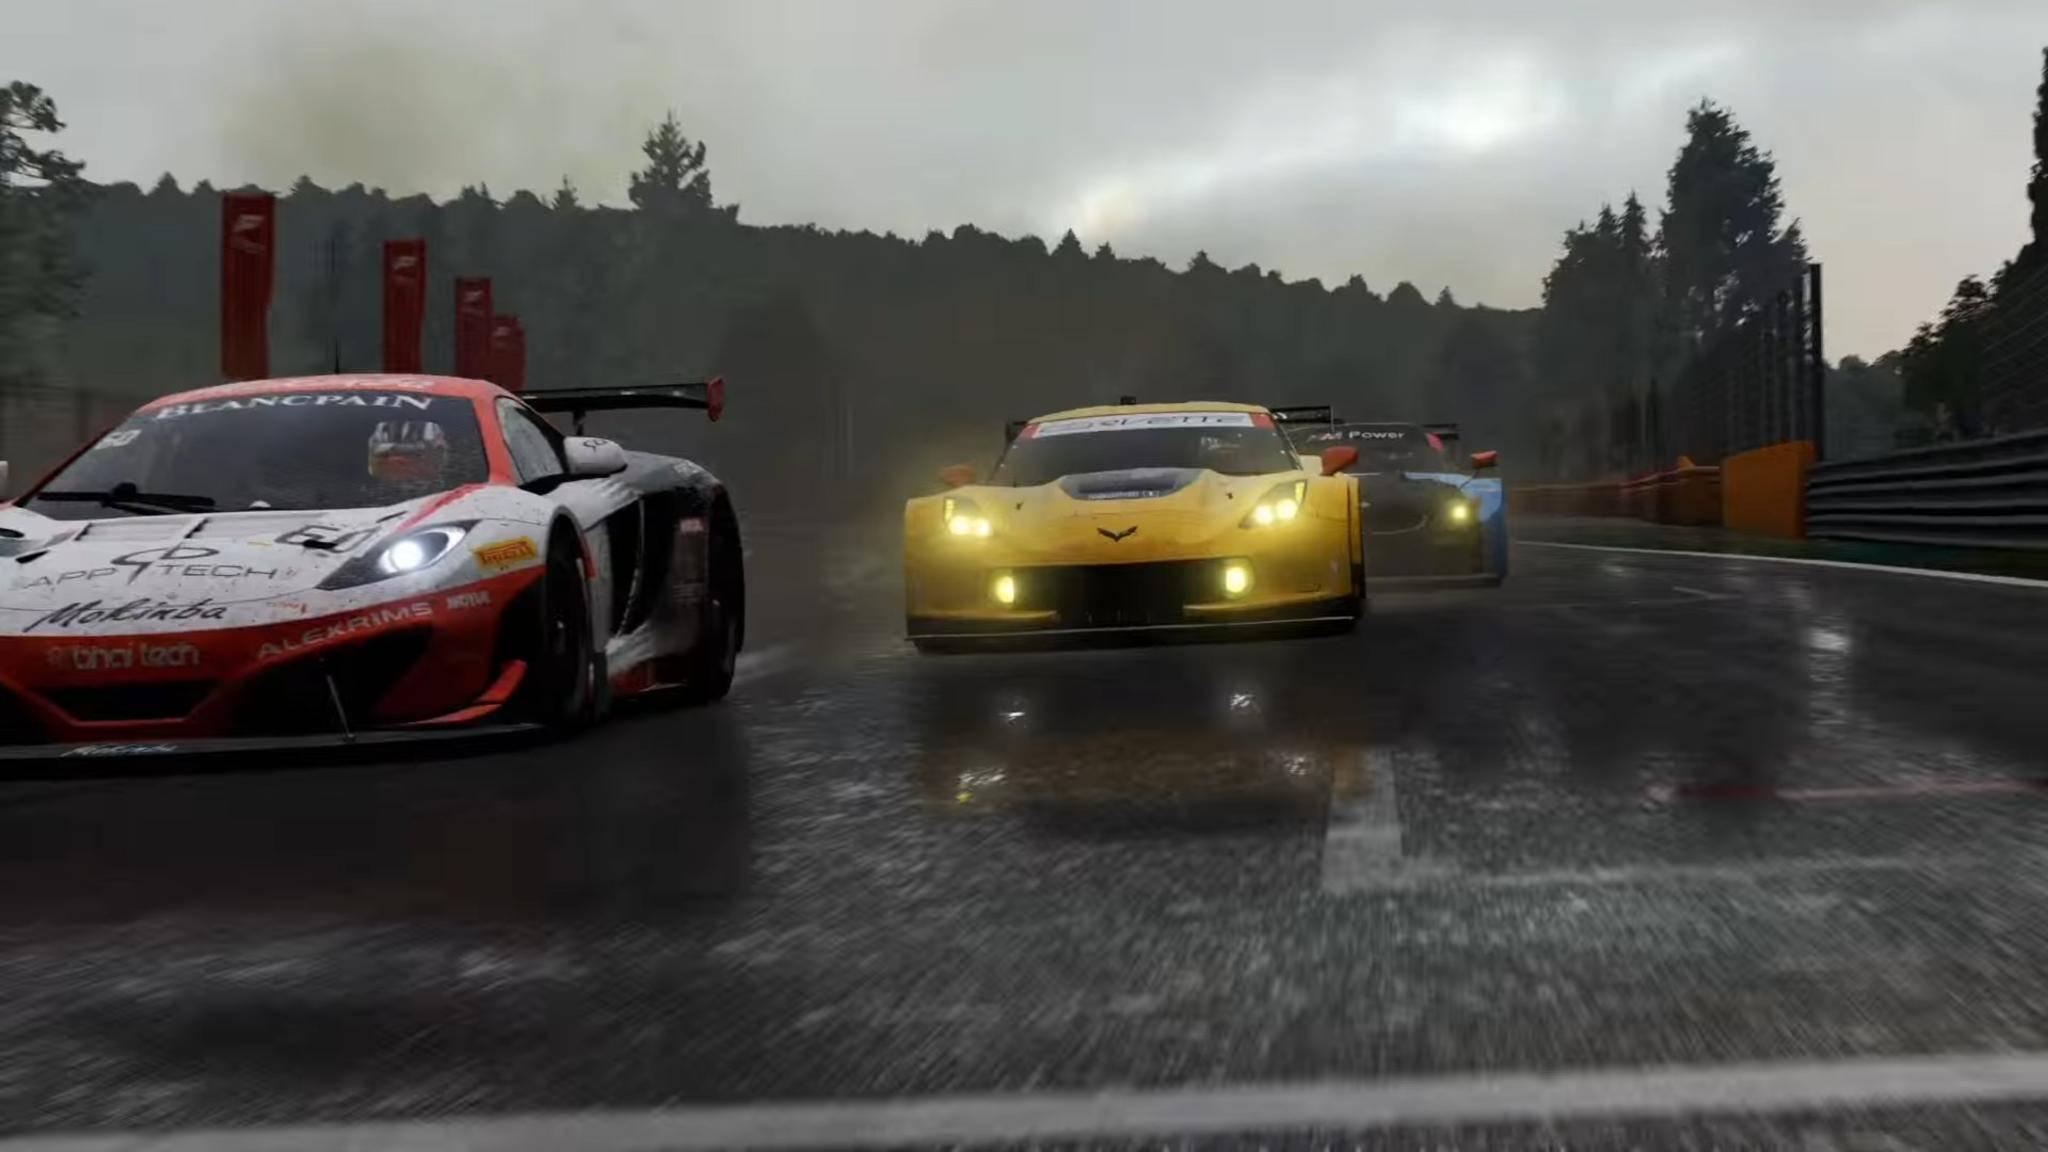 Microsoft versprach mit DirectX 12 einen deutlichen Leistungsgewinn bei gleicher Hardware, hier bei Forza 6 Apex.